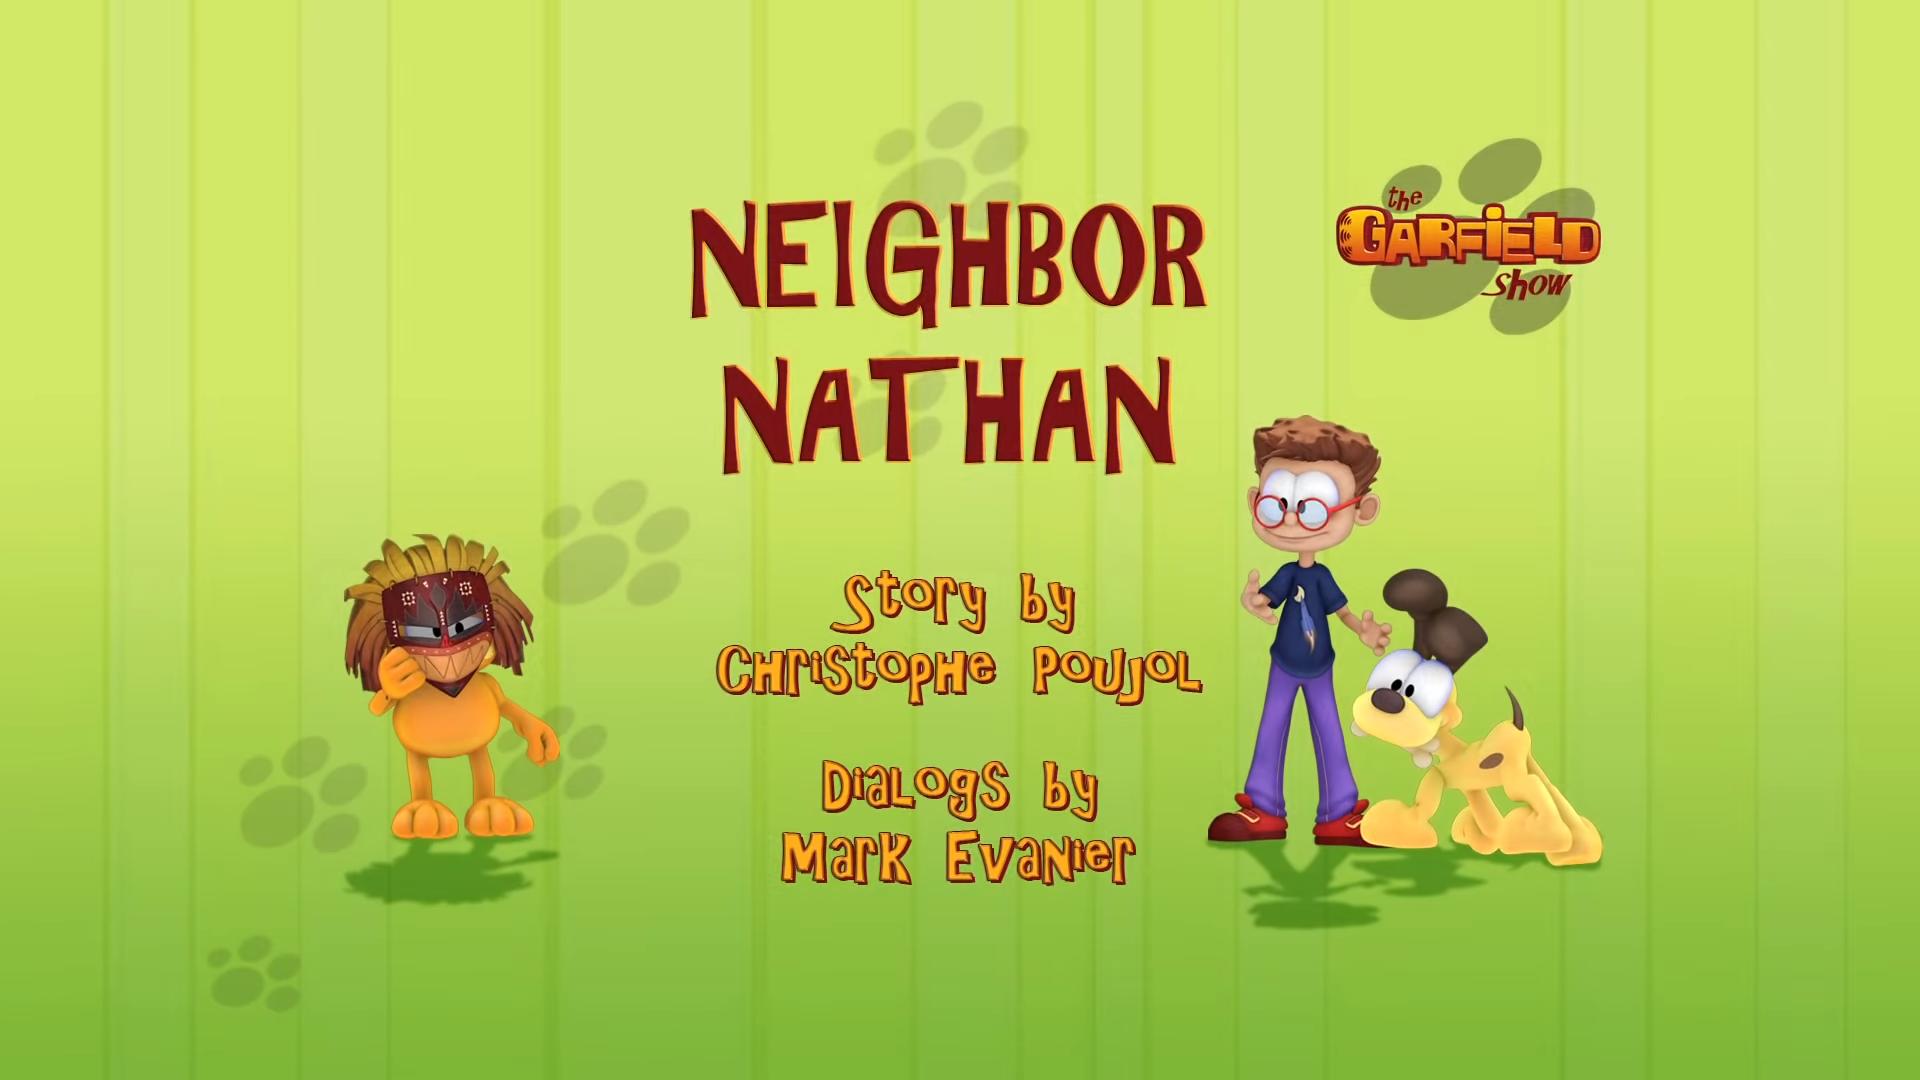 Neighbor Nathan